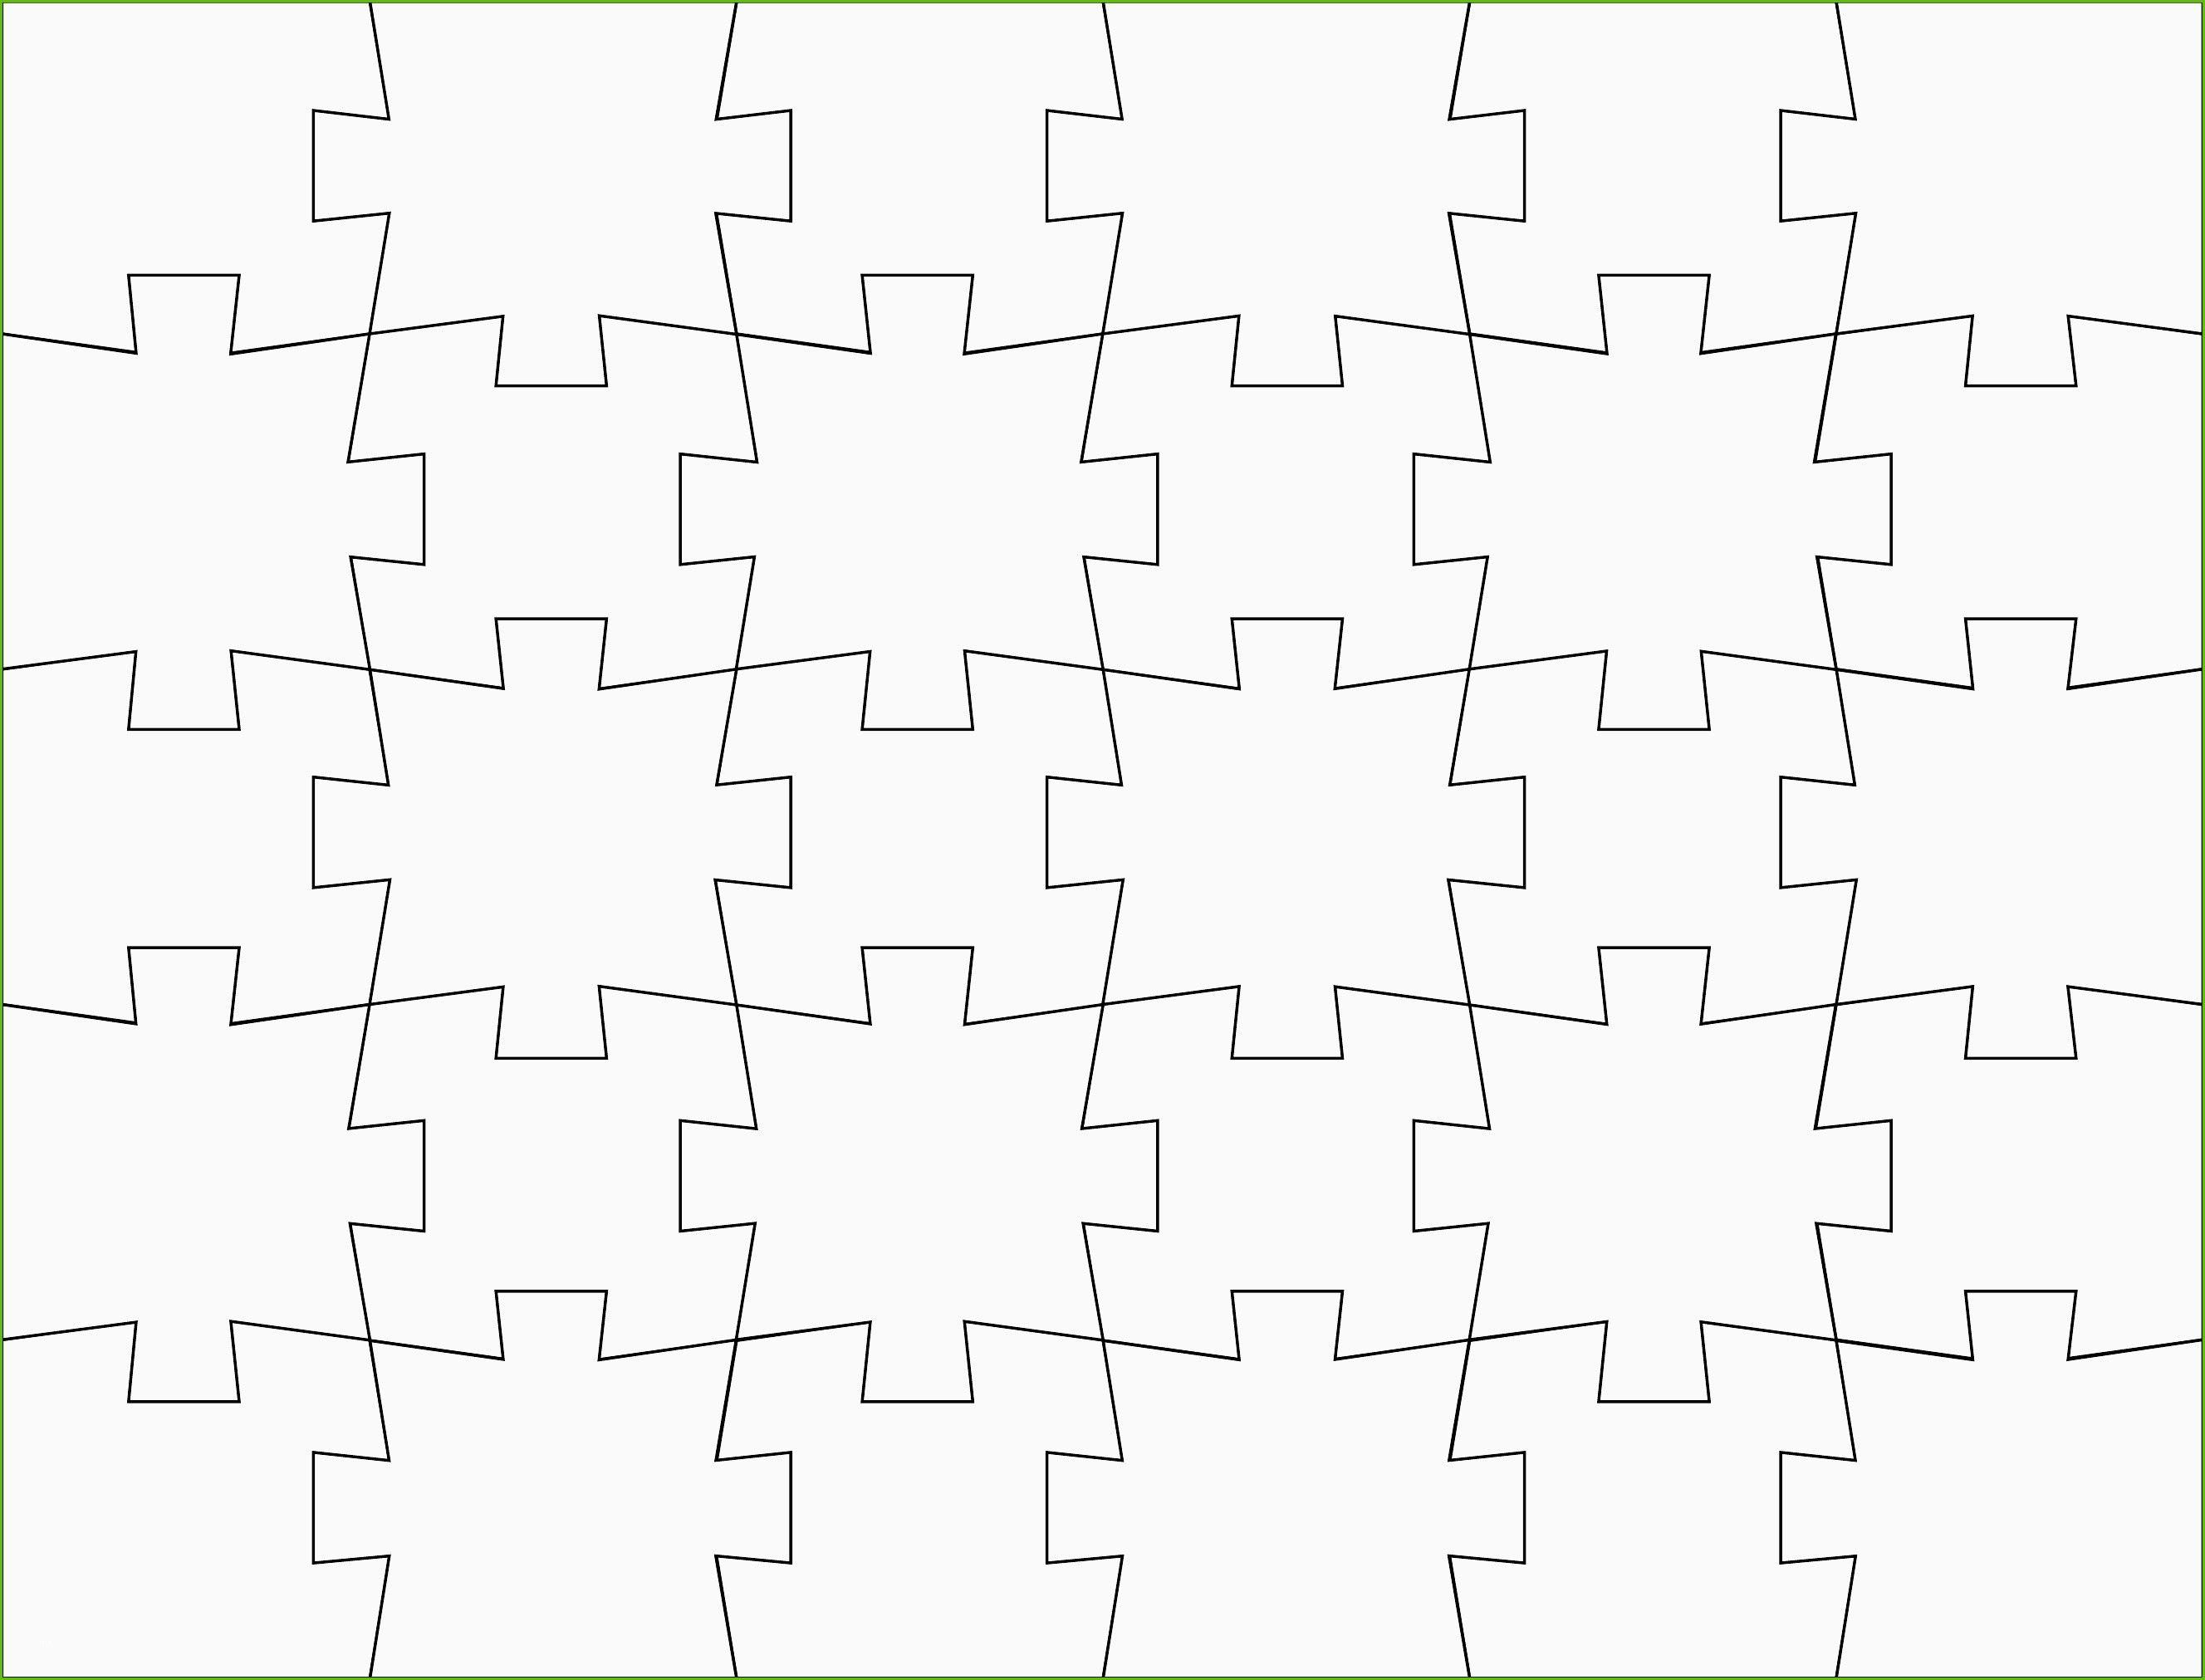 Einzigartig Puzzleteilvorlage Malvorlagen Malvorlagenfurkinder Malvorlagenfurerwachsene Vorlagen Puzzle Puzzleteil